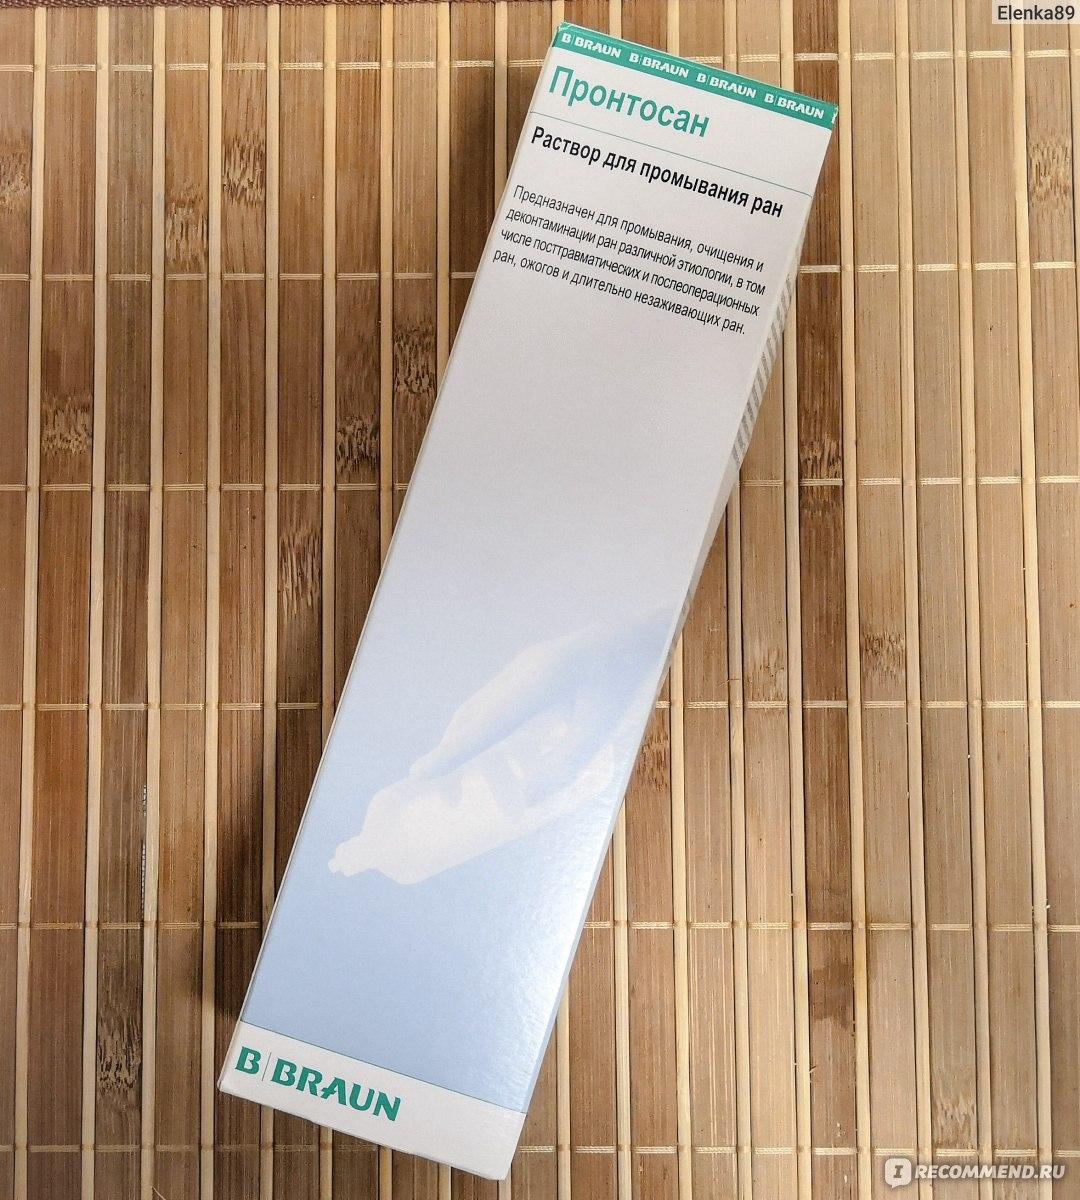 Пронтосан гель: инструкция по применению для заживления ран, состав, цена, аналоги и отзывы